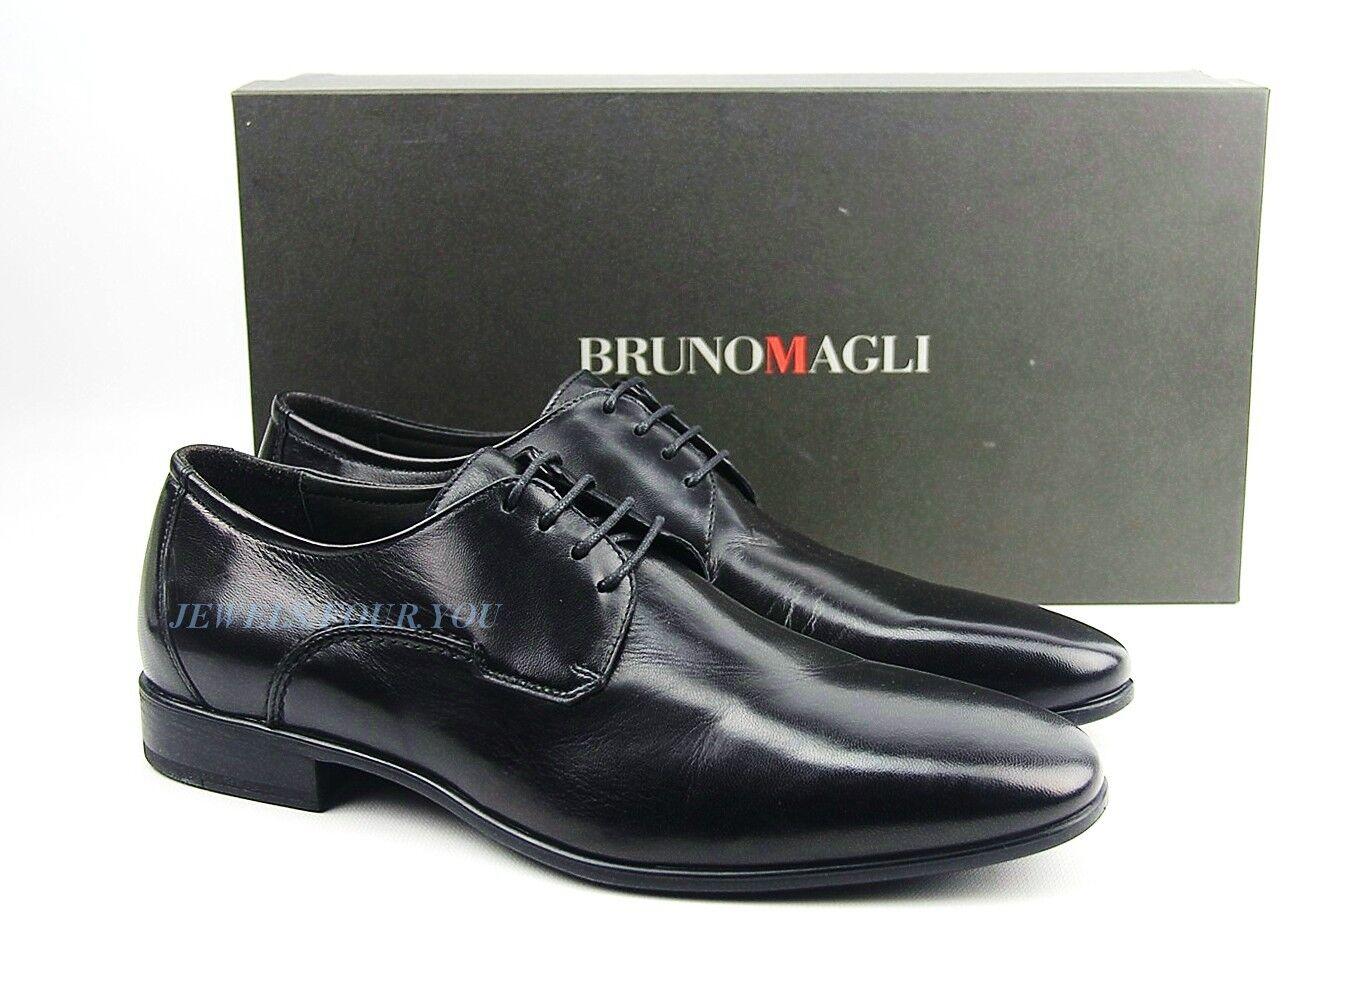 vendita online sconto prezzo basso BRUNO MAGLI nero HANDMADE OXFORDS scarpe 100% LEATHER LEATHER LEATHER LACES ITALY NEW SZ 9   81  al prezzo più basso